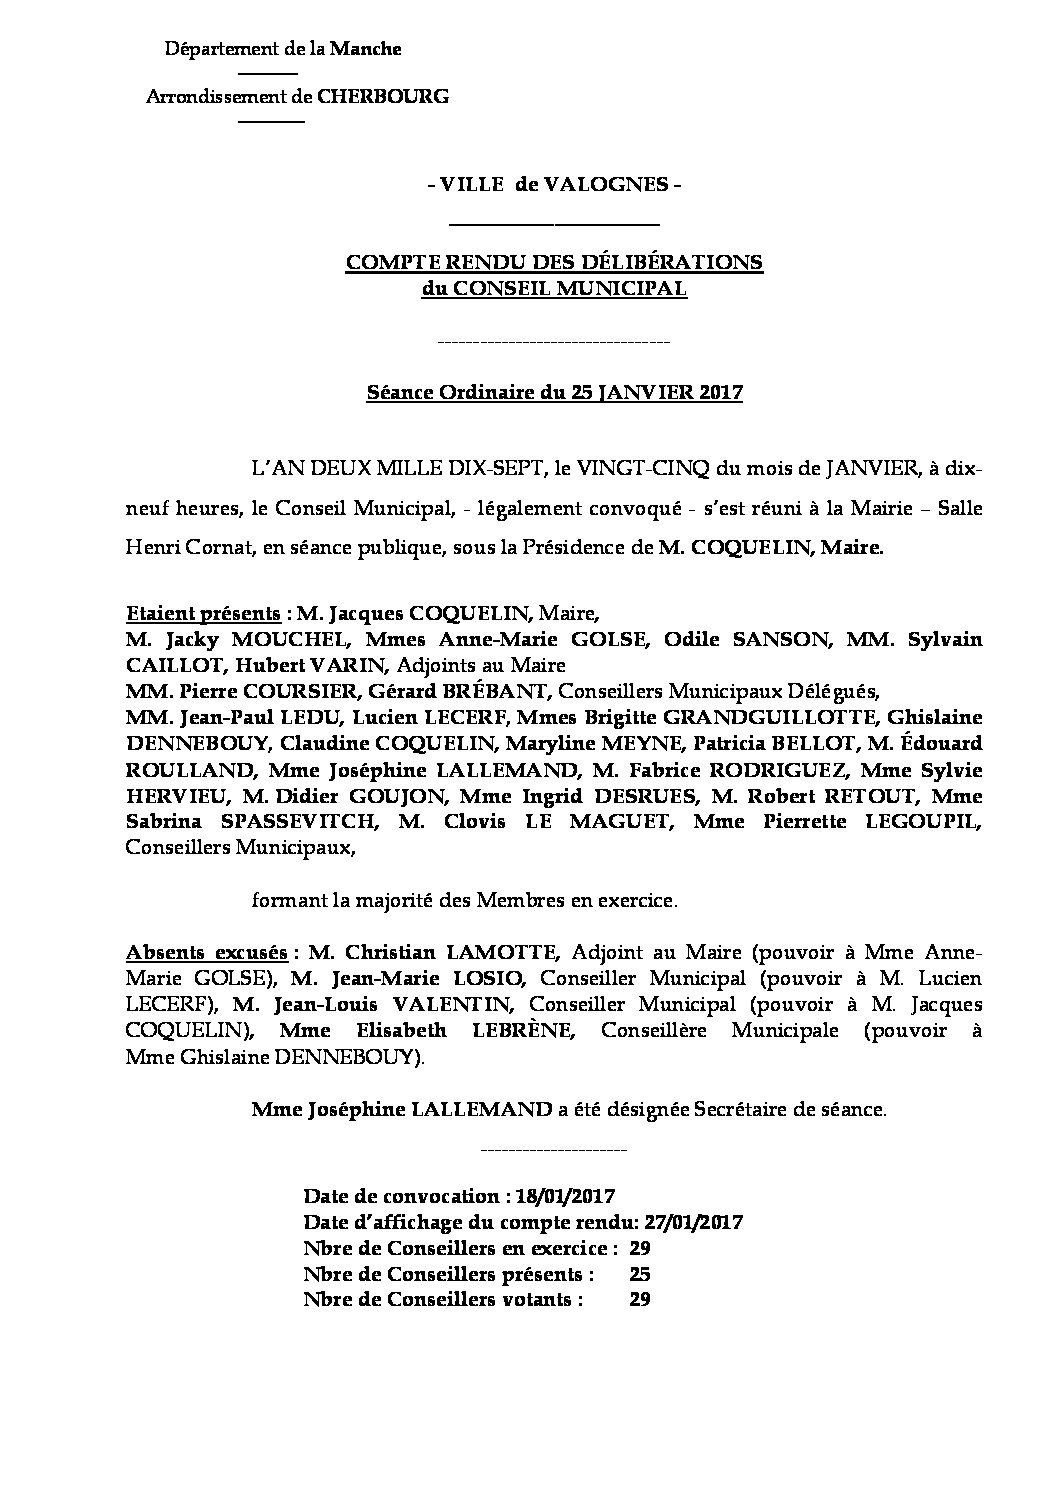 Extrait du registre des délibérations du 25-01-2017 - Compte rendu des questions soumises à délibération lors de la séance du mercredi 25 janvier 2017.